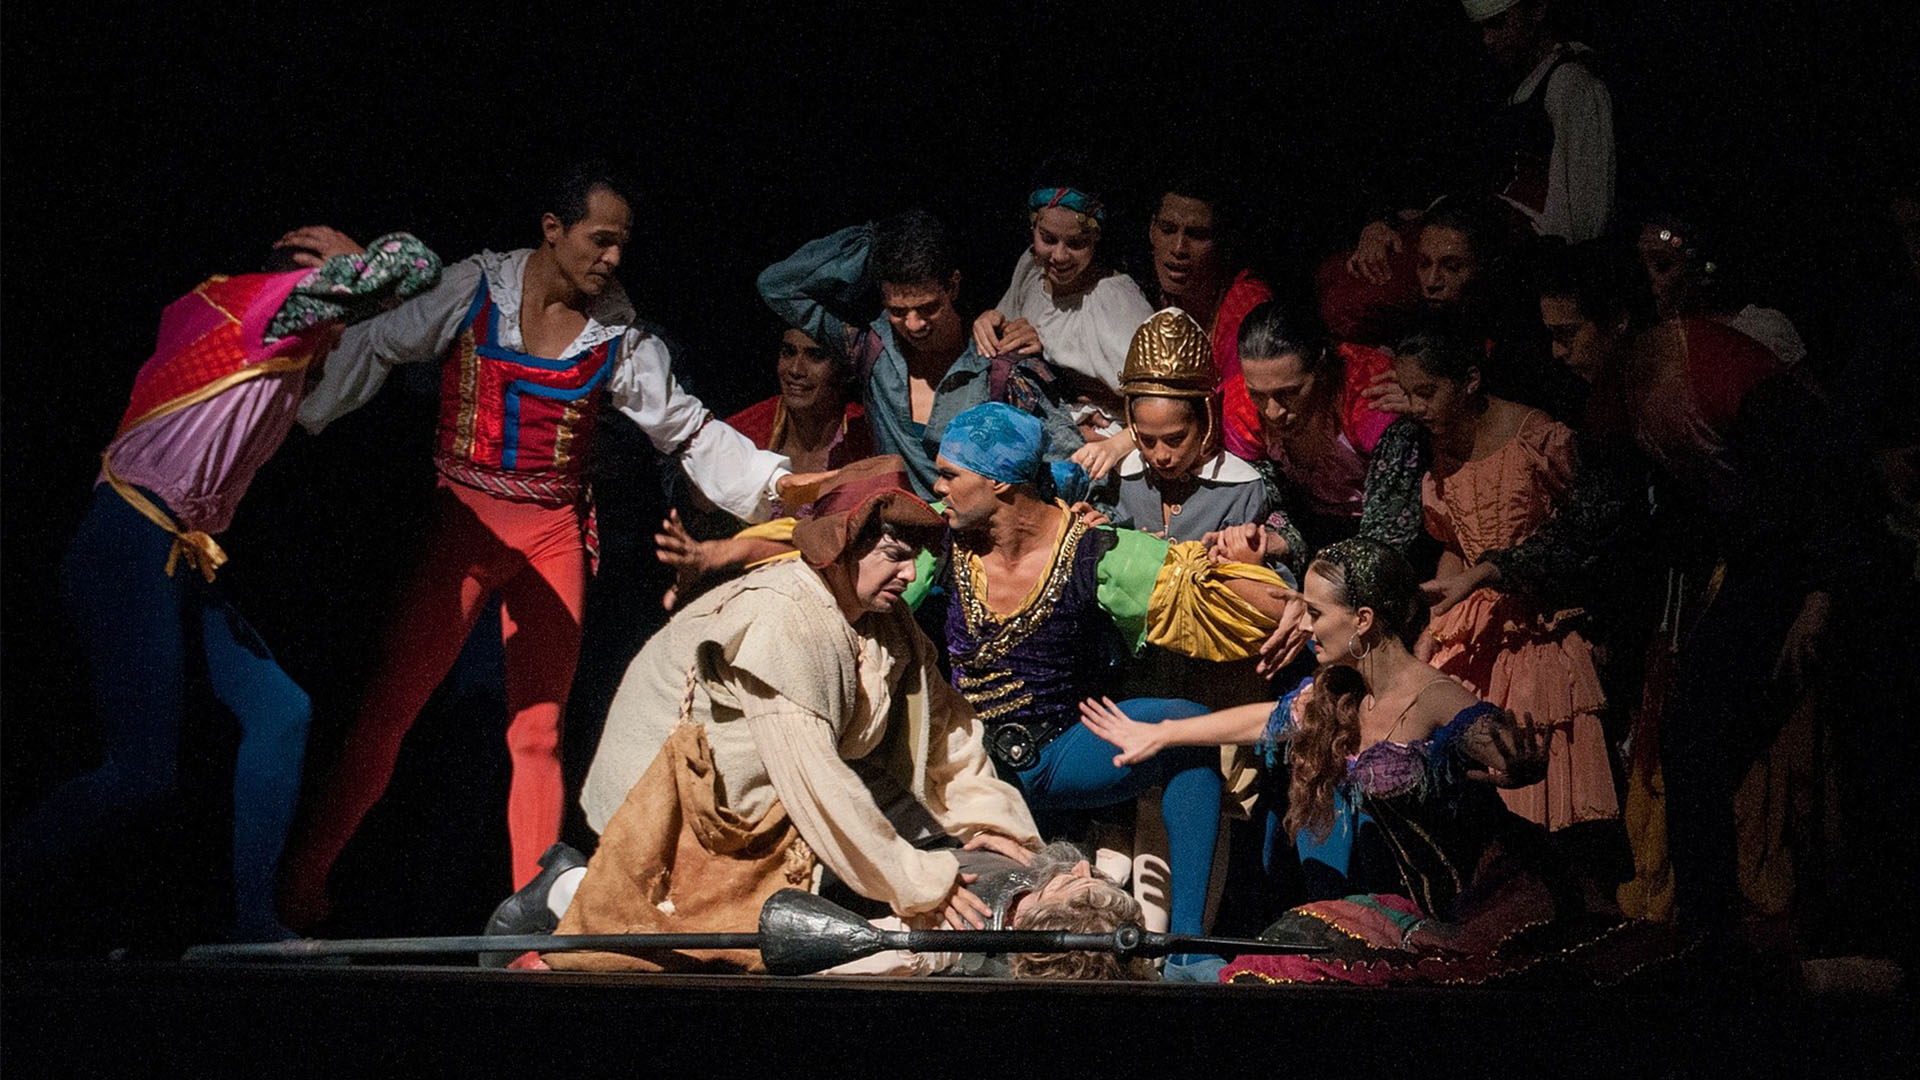 Saia do convencional e explore as atrações Off-Broadway